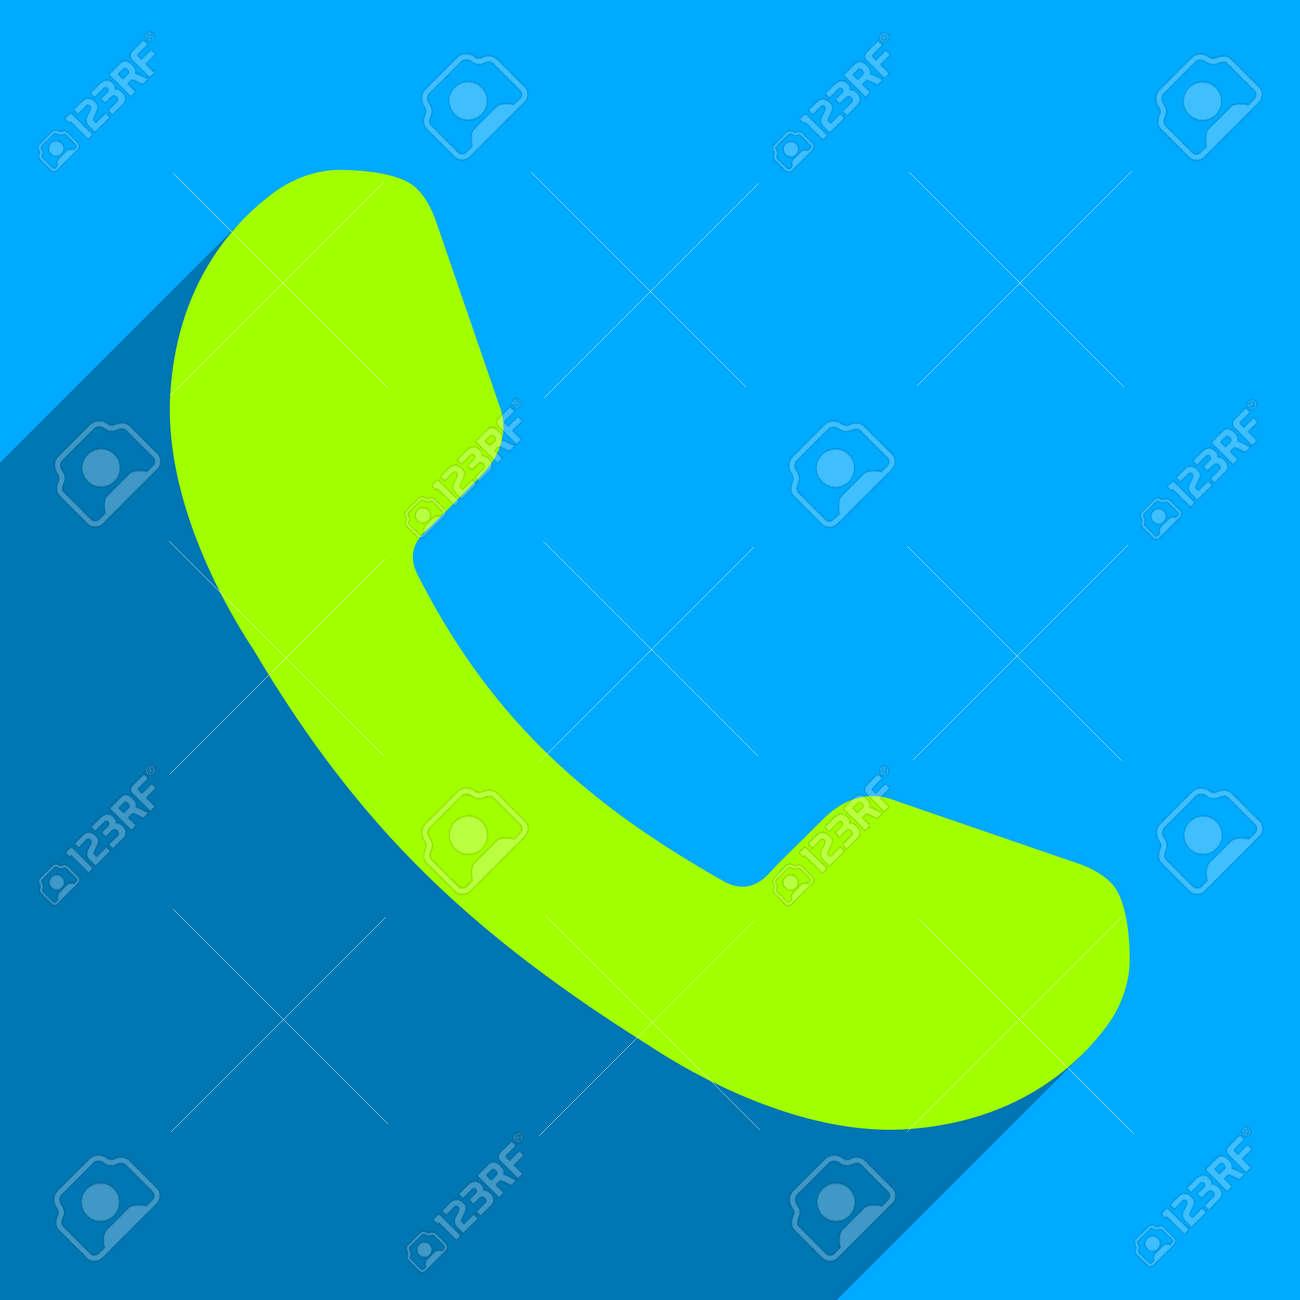 Vettoriale Ricevitore Del Telefono Lunga Ombra Vettore Icona Lo